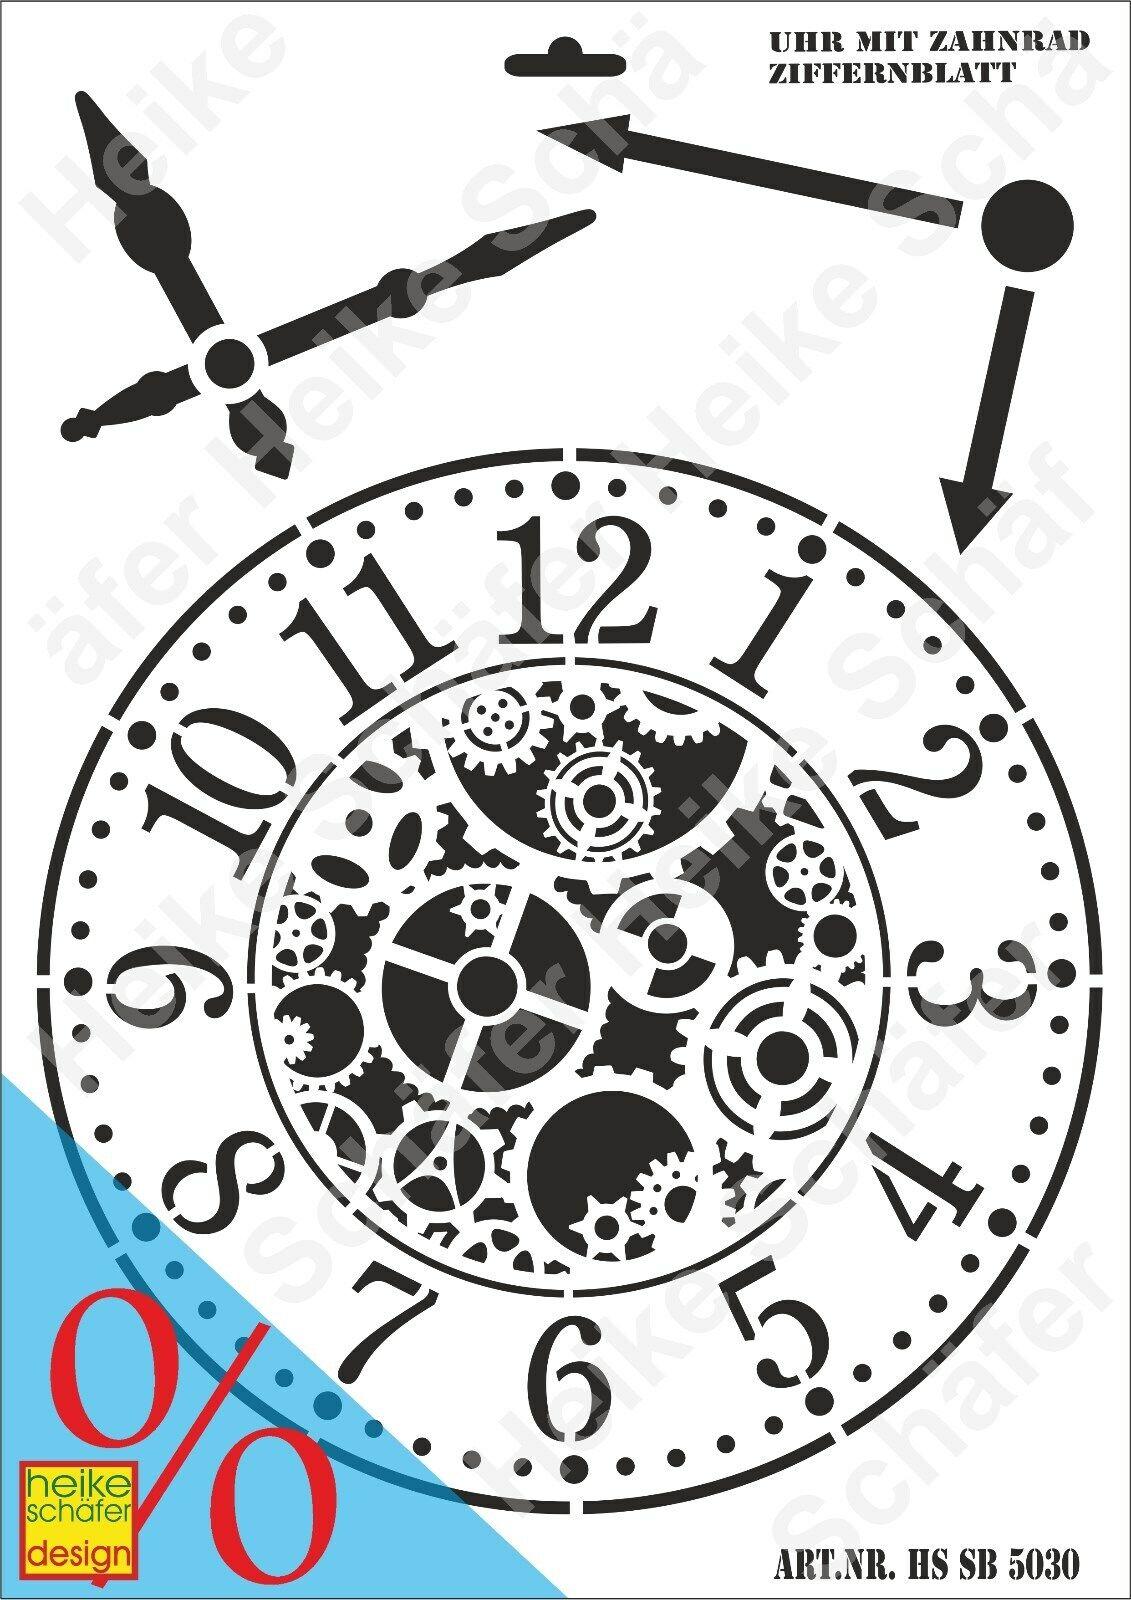 Schablone-Stencil A3 159-5030 Uhr mit Zahnrad Ziffernb. Neu Heike Schäfer Design